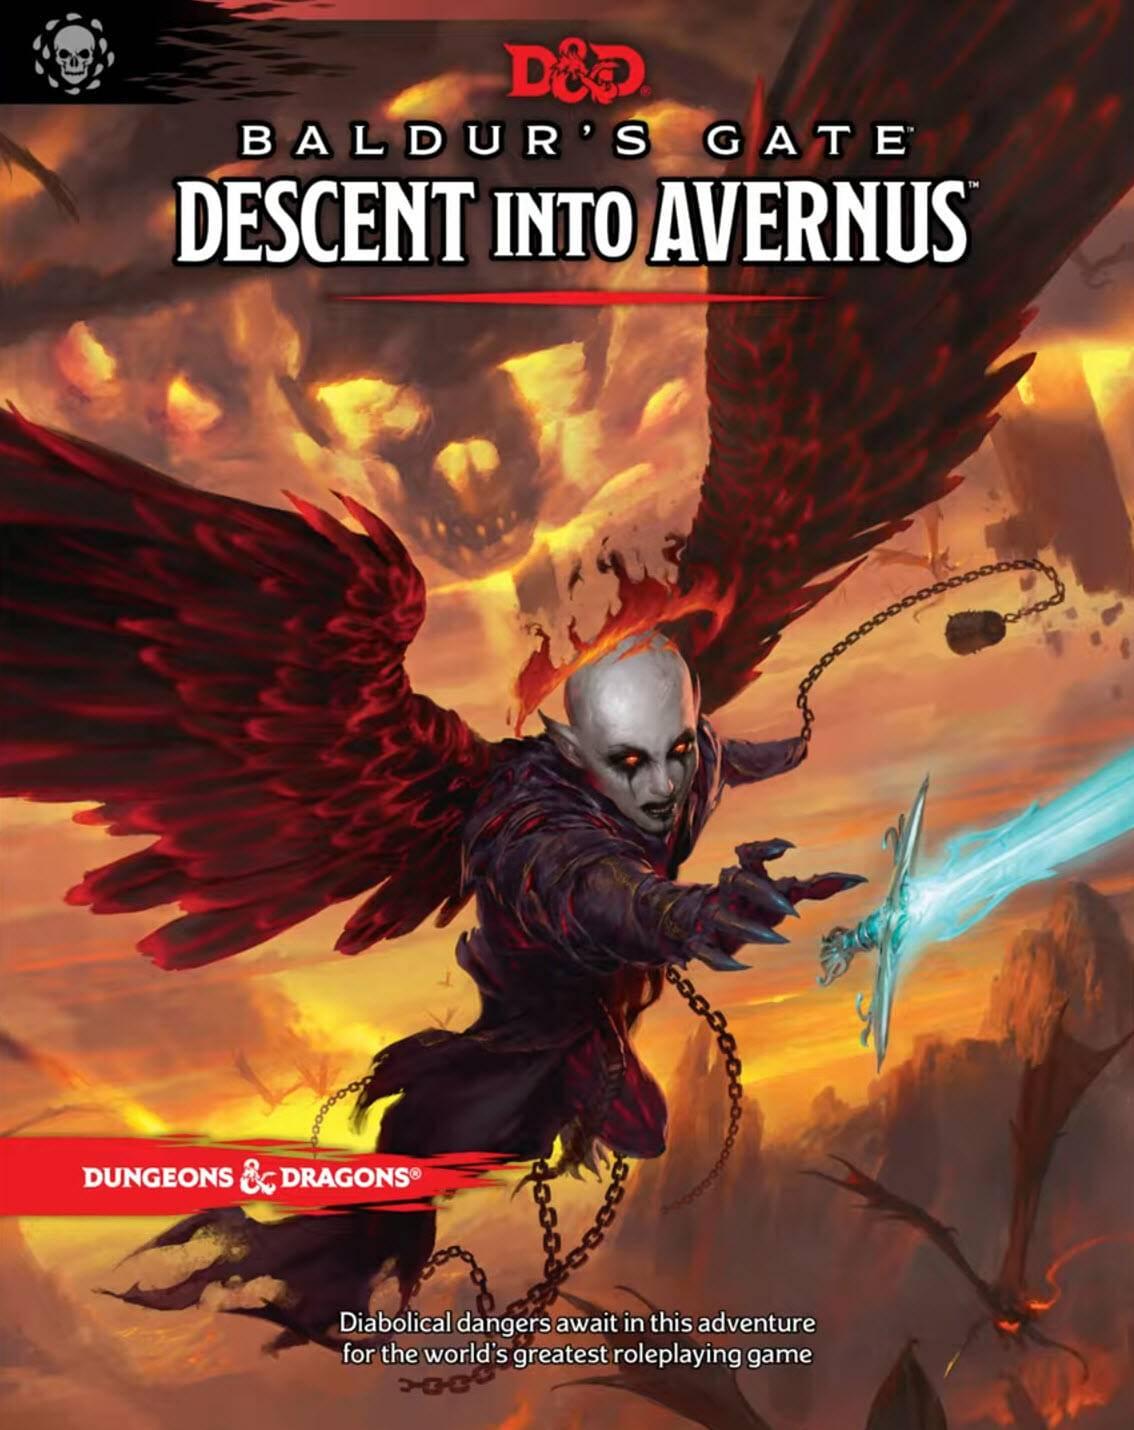 WotC объявили о выходе новой книги приключения для D&D — в ней герои отправятся в Ад